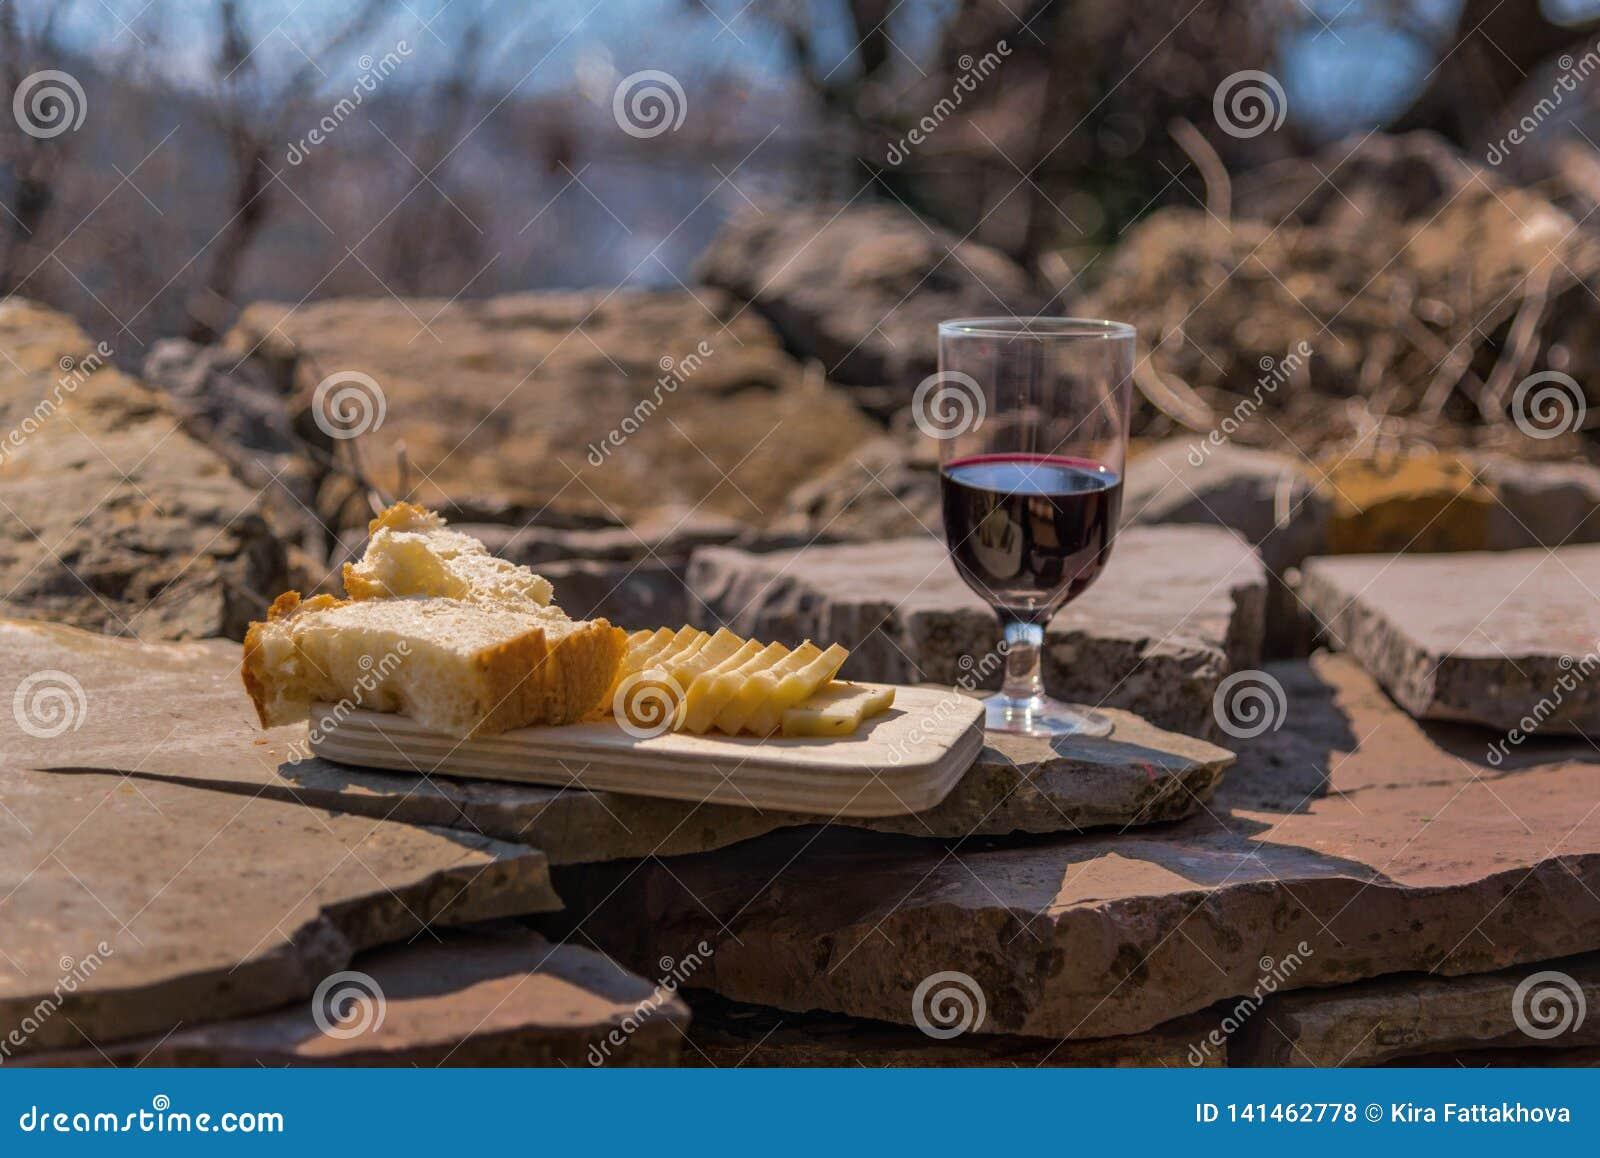 Lantlig lunch på stenar väggen: hemlagad ost, bröd och vin Manavgat flodområde